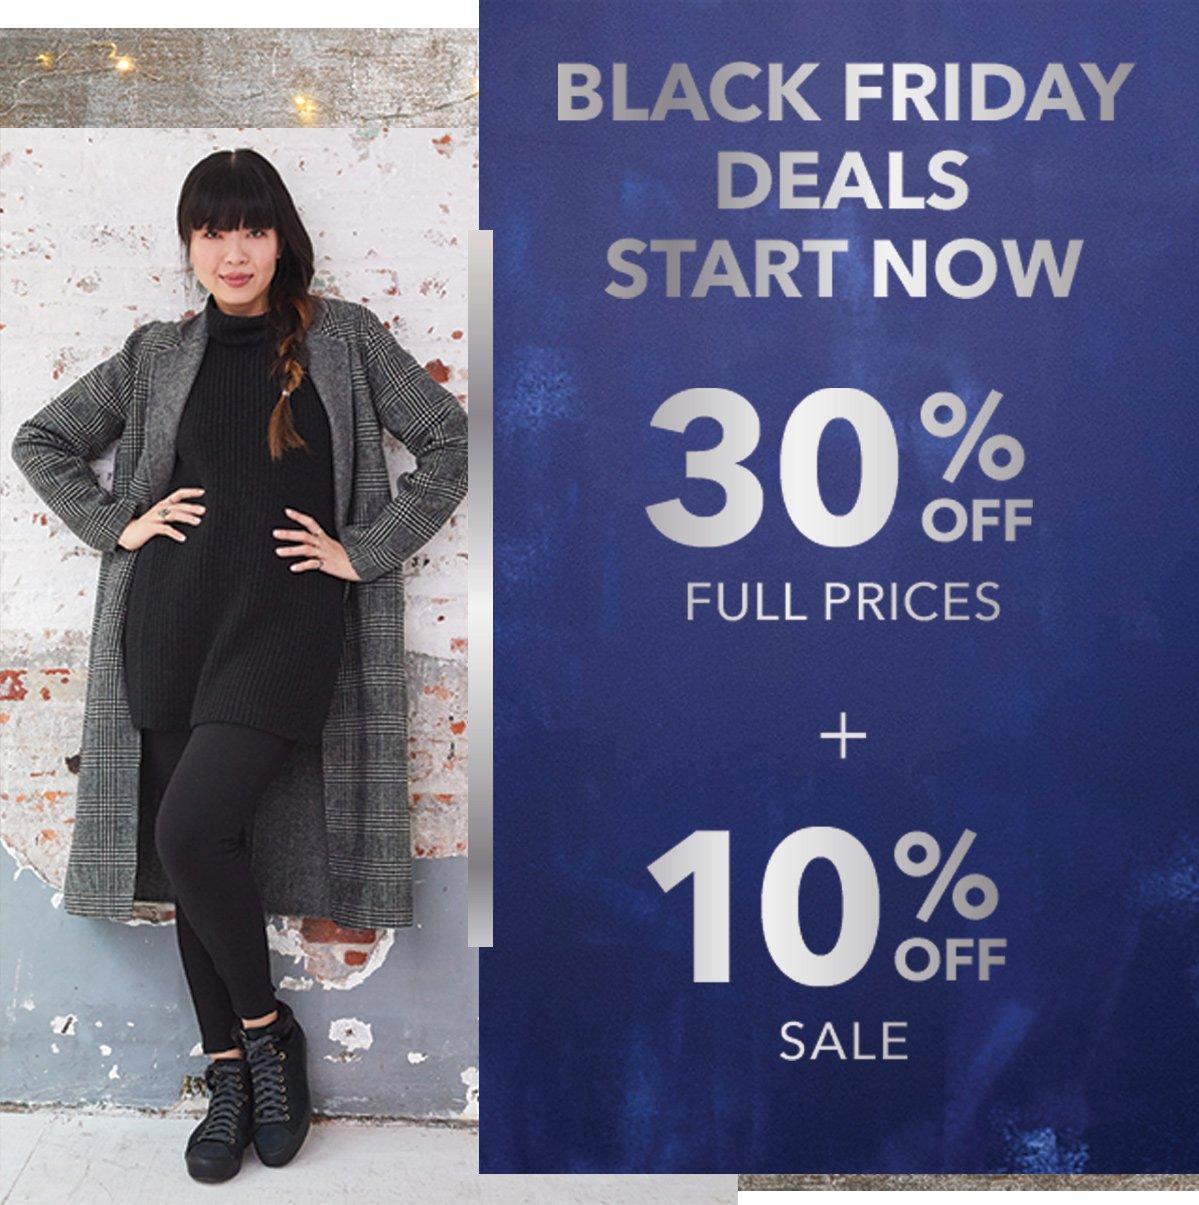 Why wait? Black Friday deals start